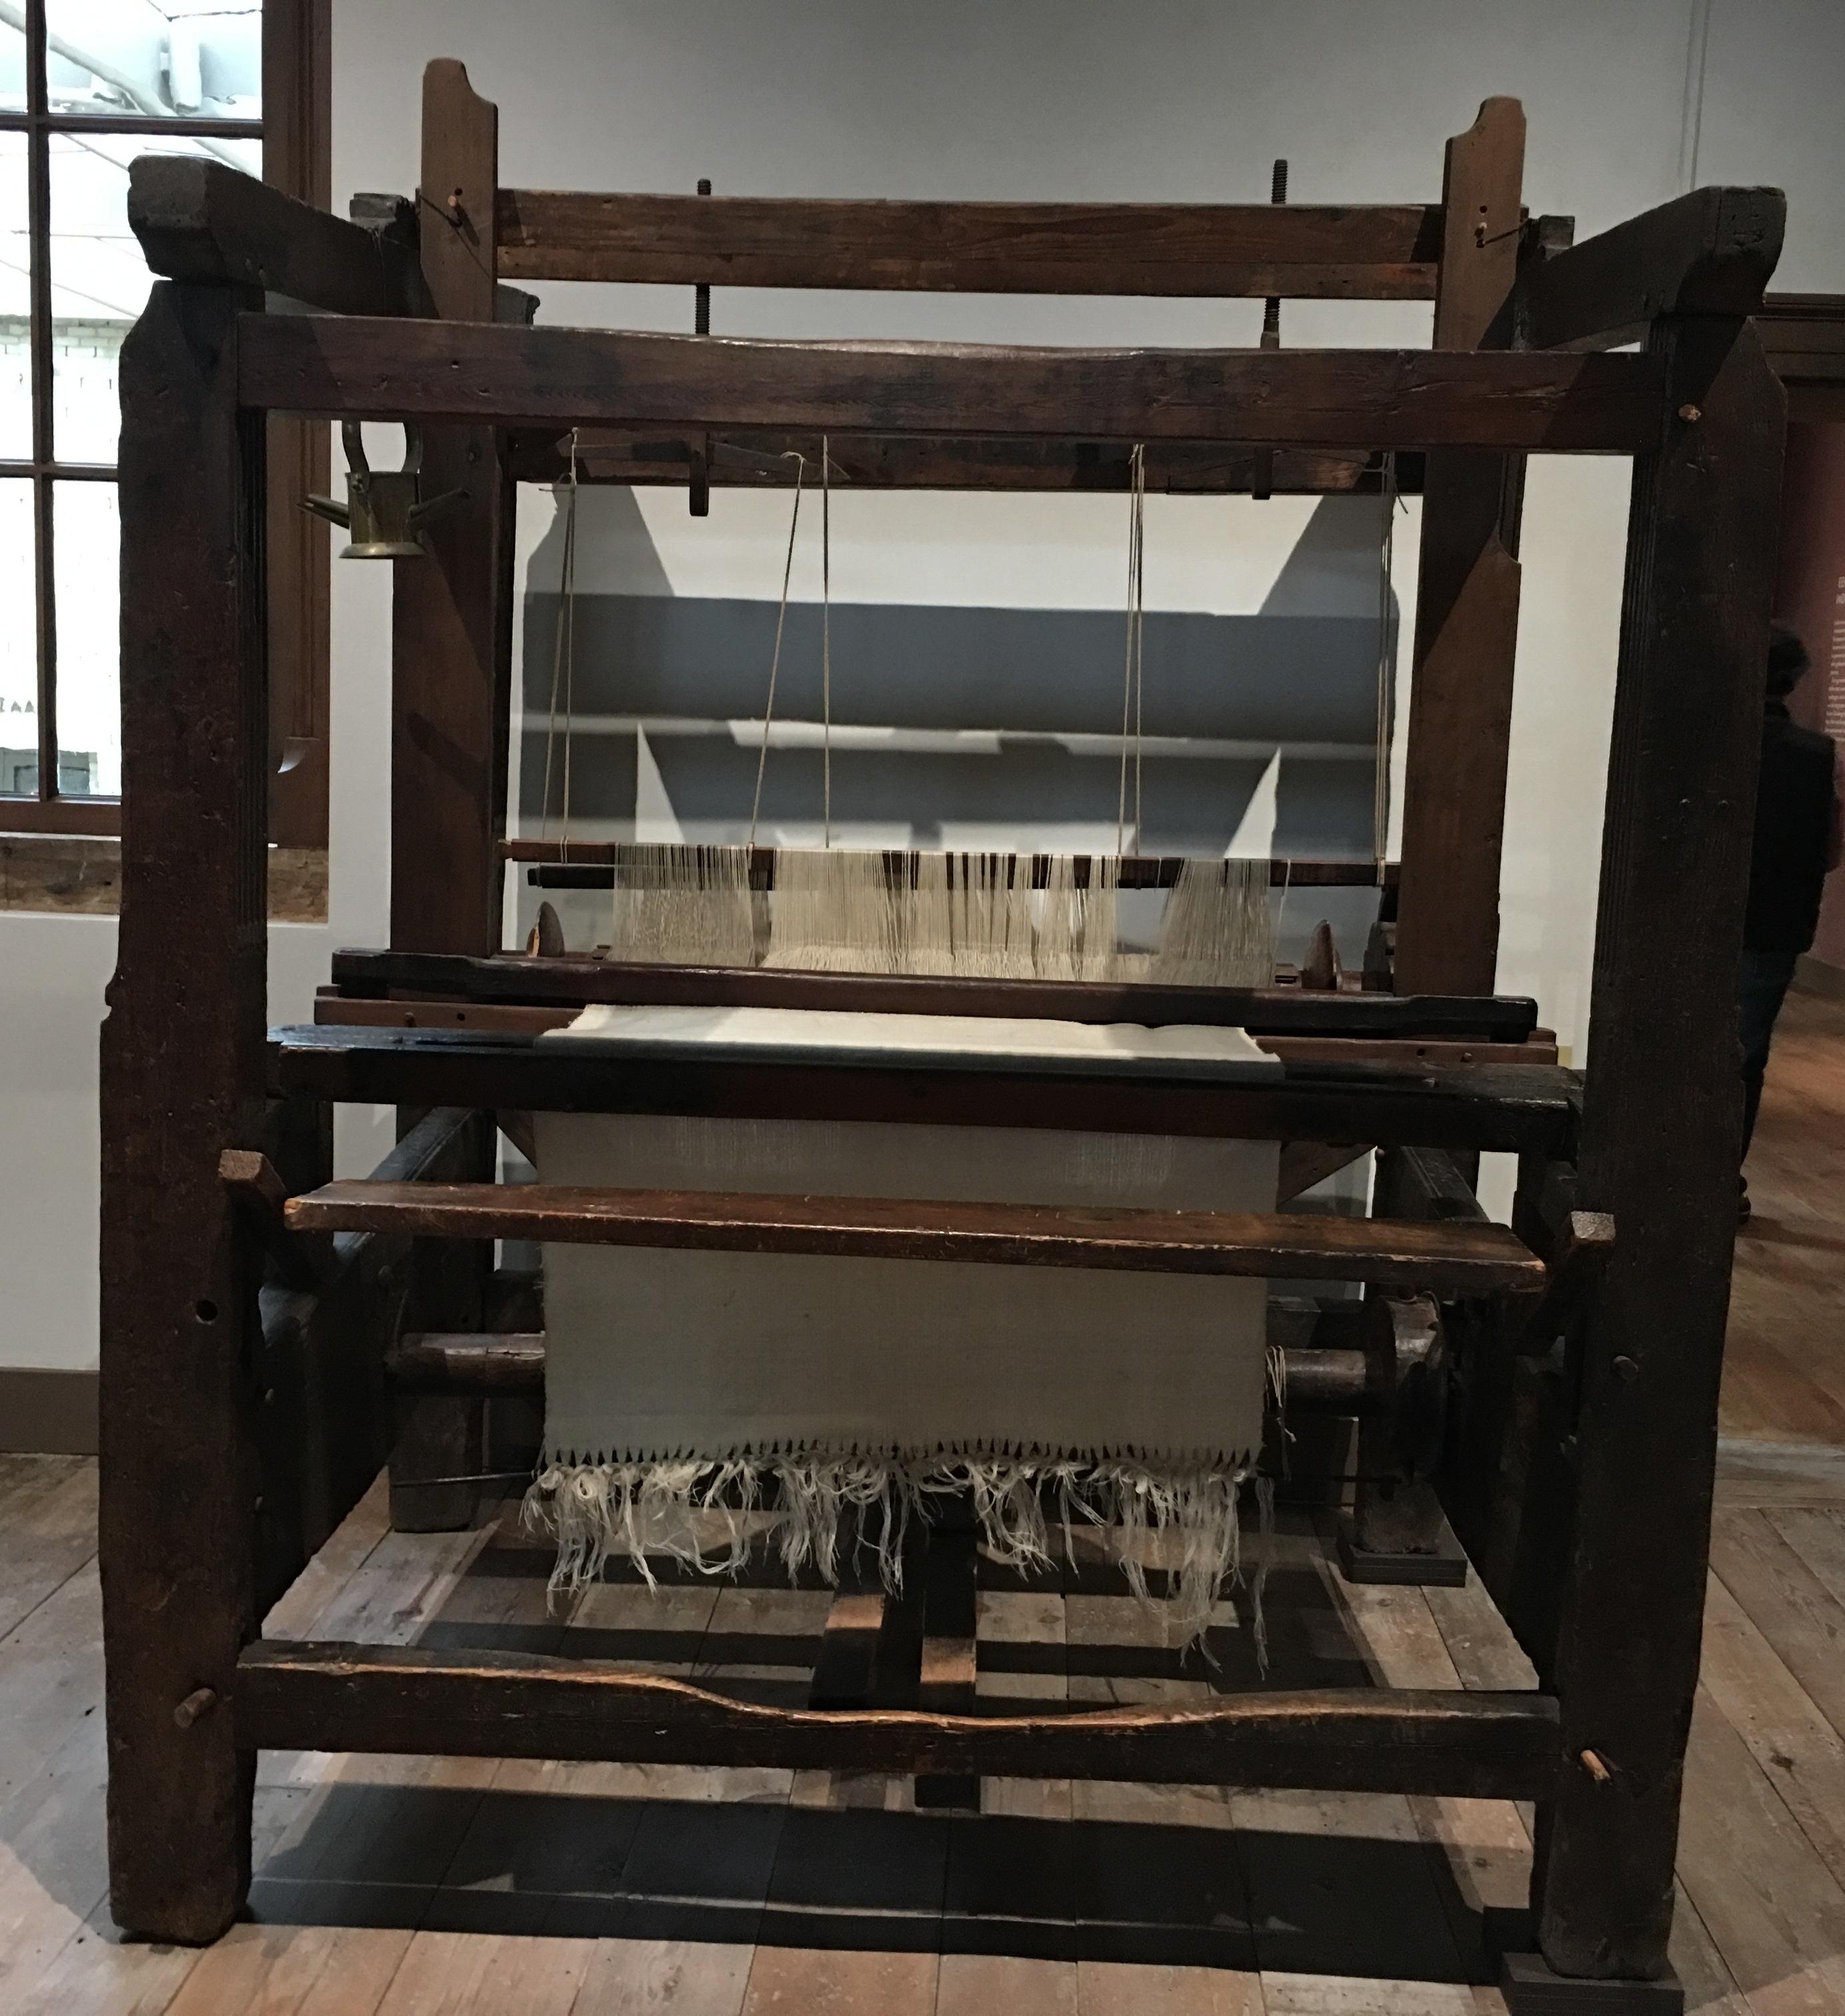 Figure 1: Handloom weaving in Leiden